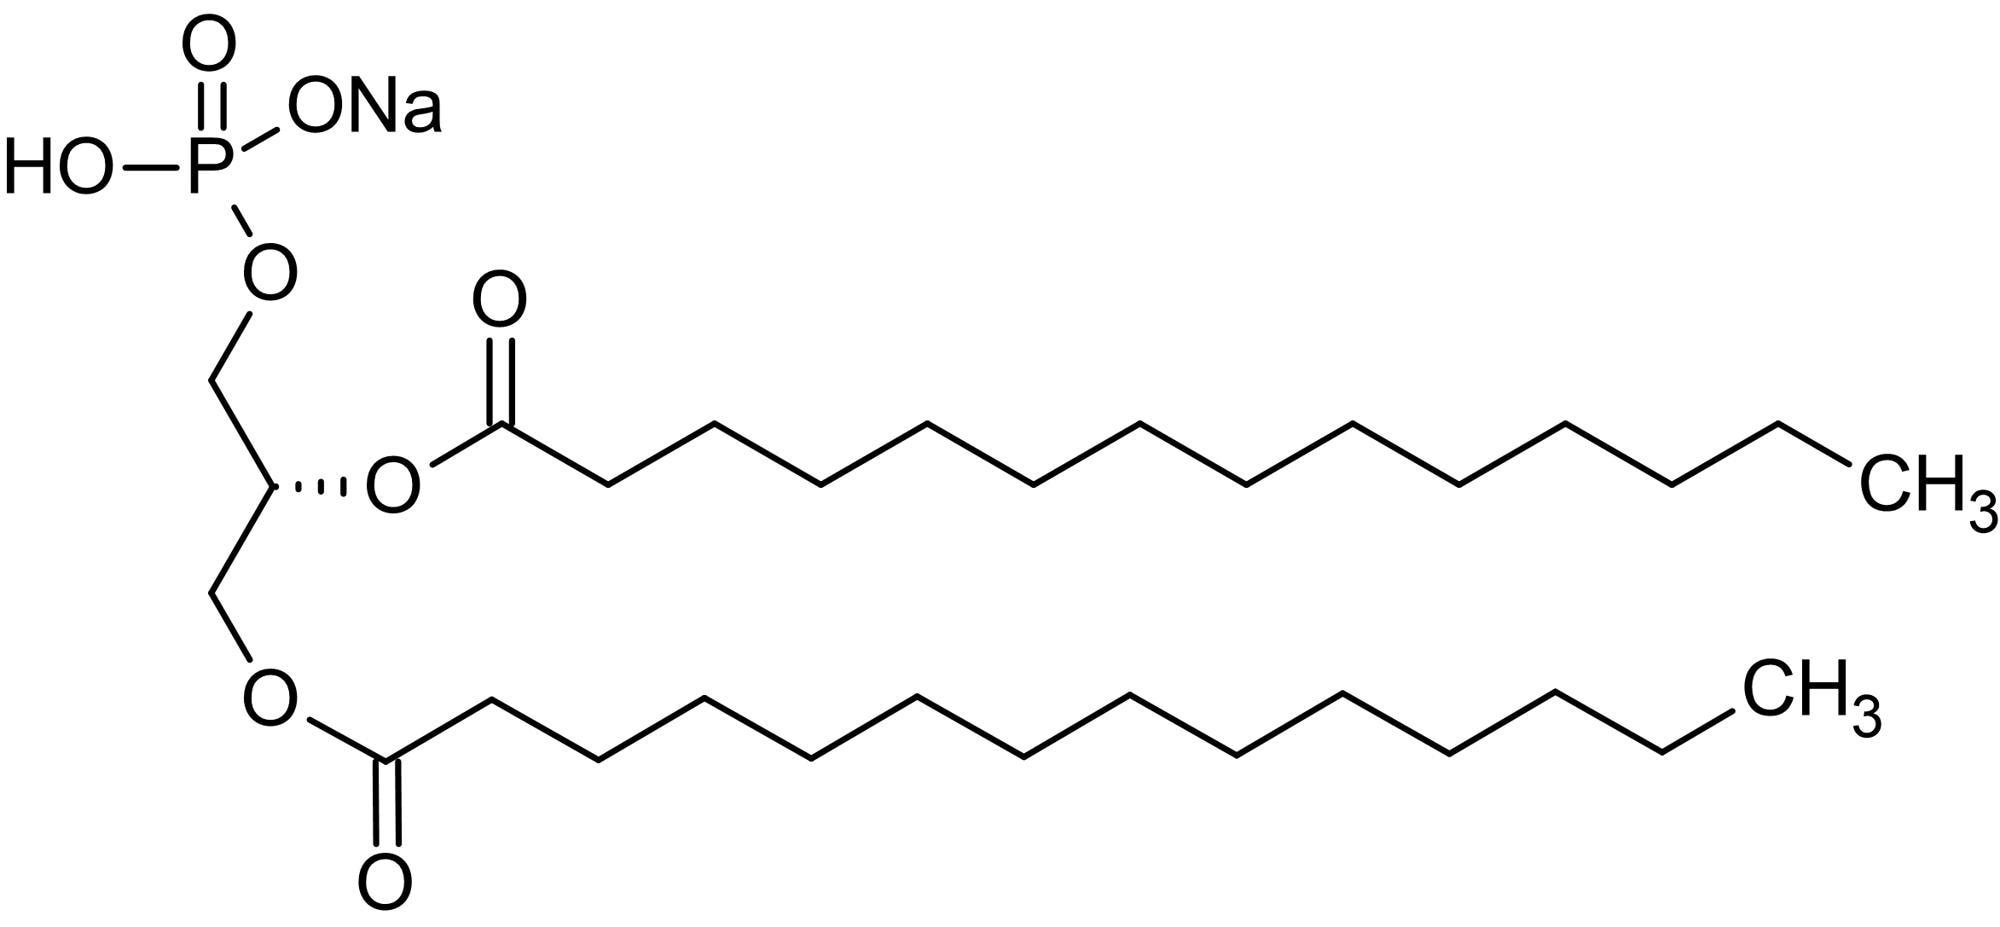 Chemical Structure - 1,2-Dimyristoyl-sn-glycero-3-phosphatidic acid sodium salt (DMPA), Phosphatidic acid (ab143949)